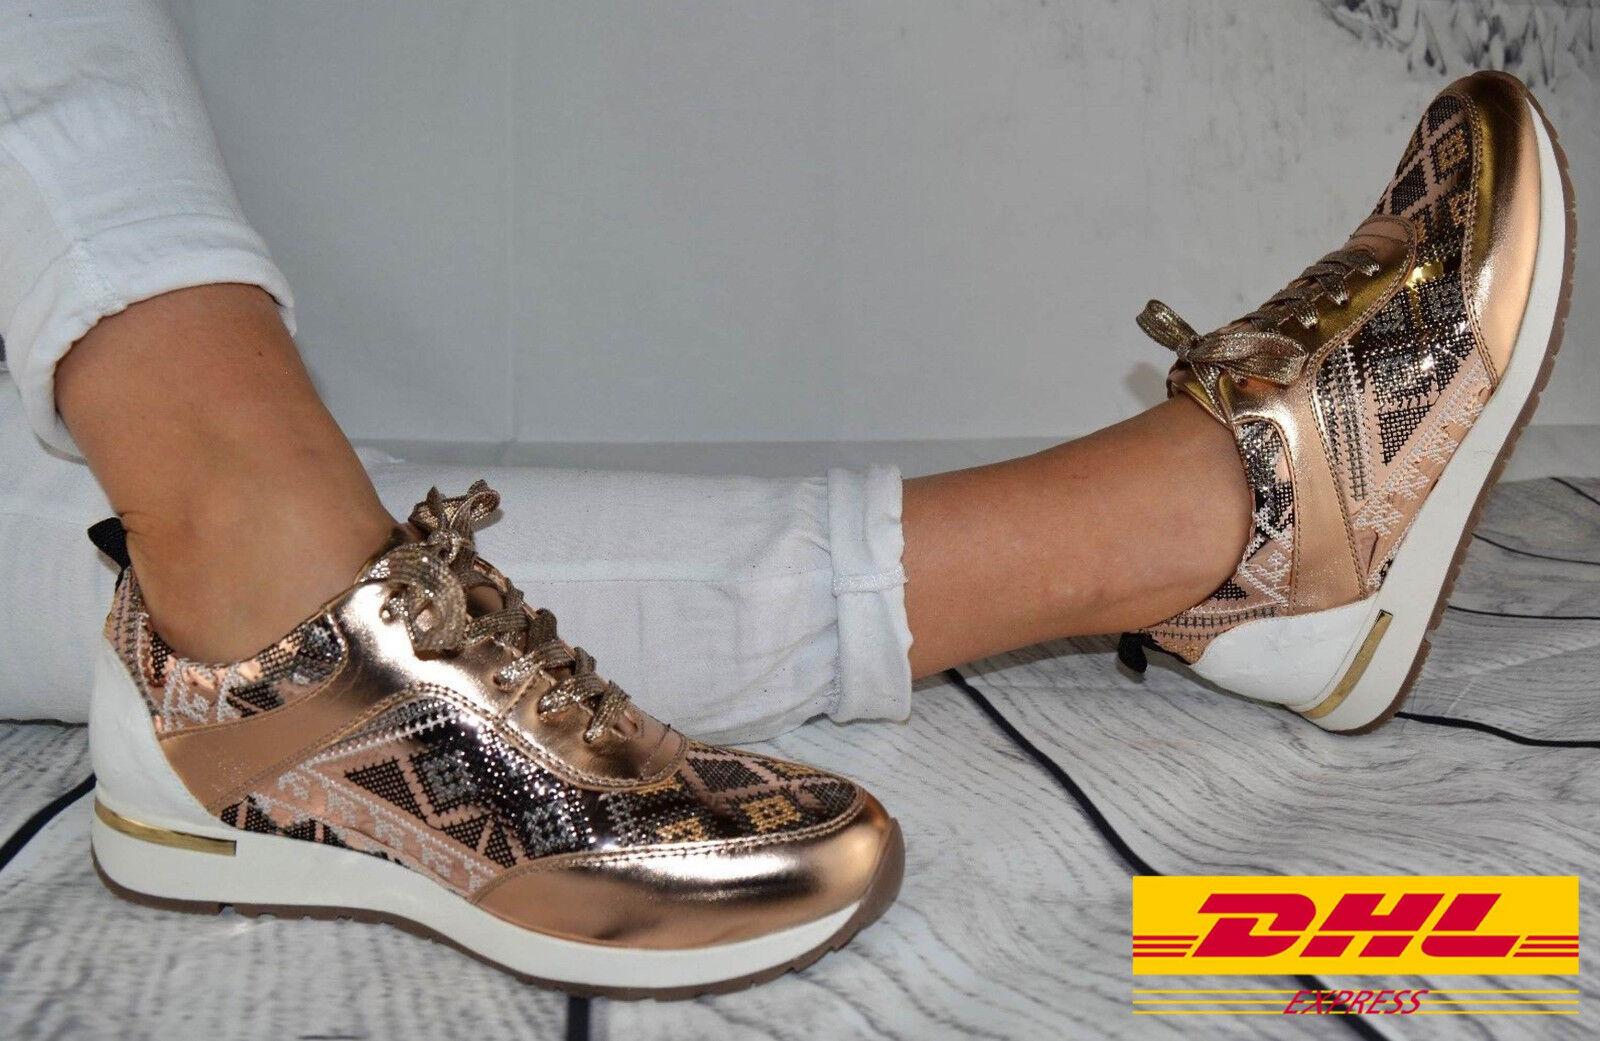 Damen Schuhe Sneaker ROSE GOLD GLITZER Sportschuhe Ballerina Freizeit Turnschuhe